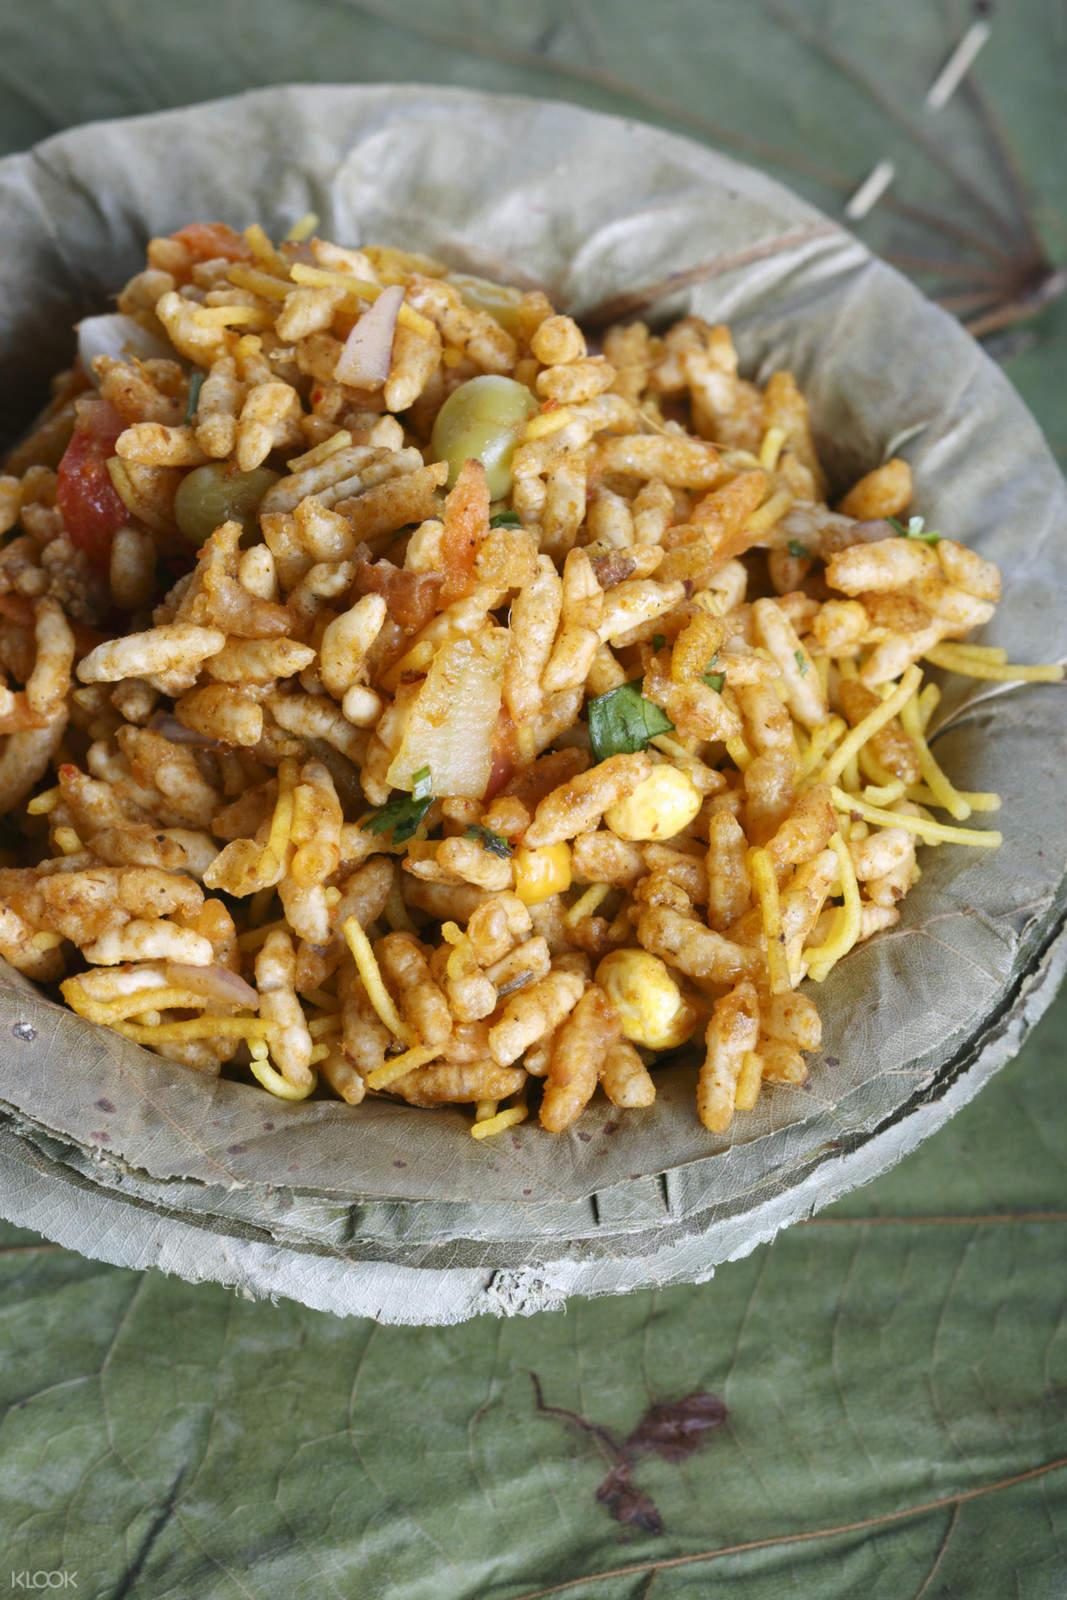 孟買美食之旅